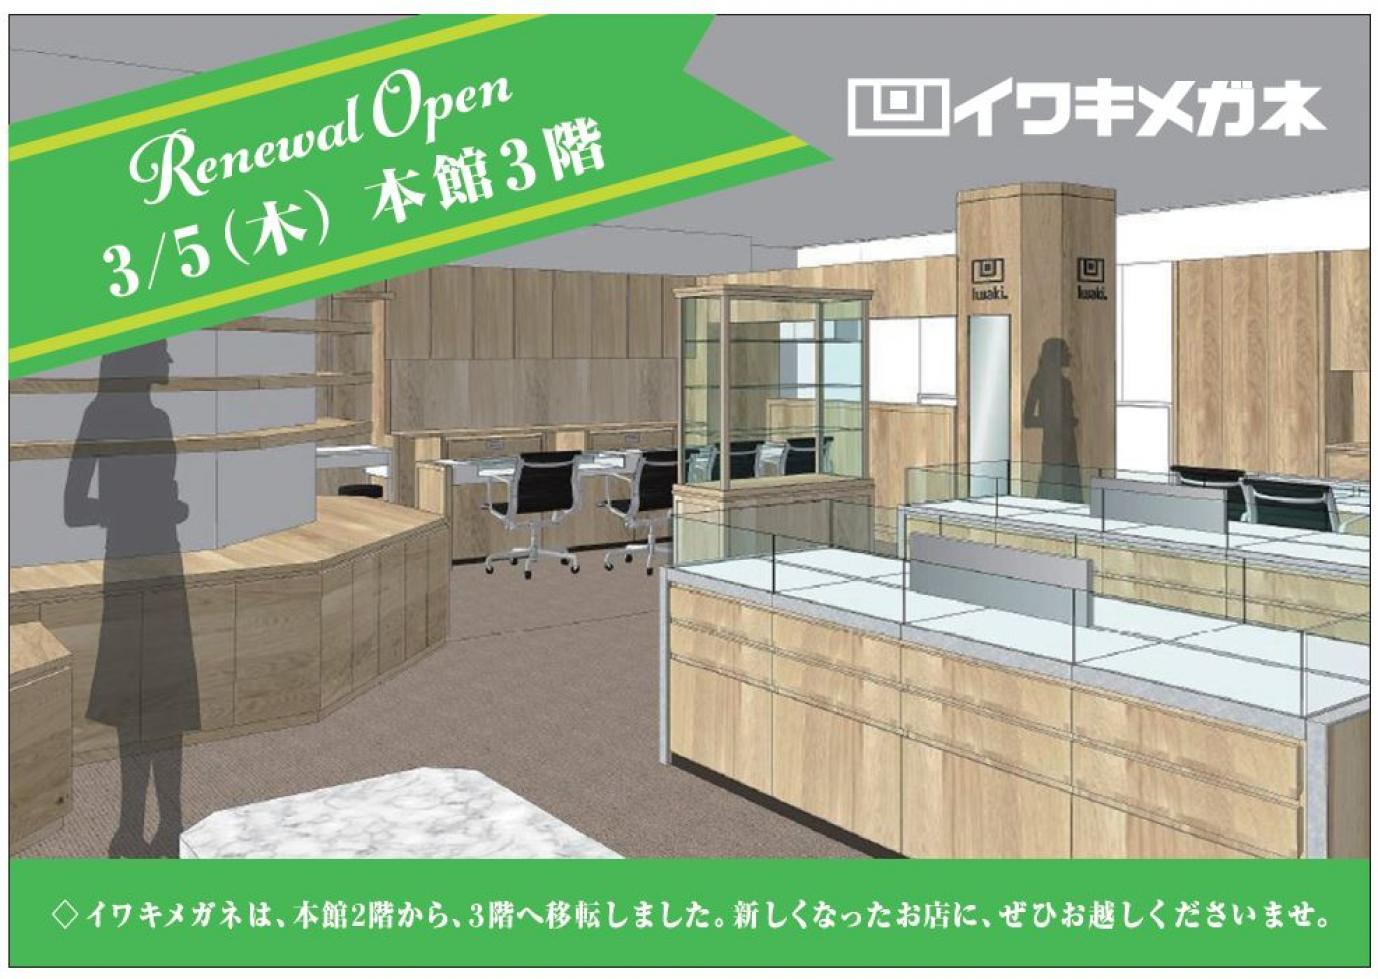 <玉川高島屋SC店>リニューアルオープンのお知らせ